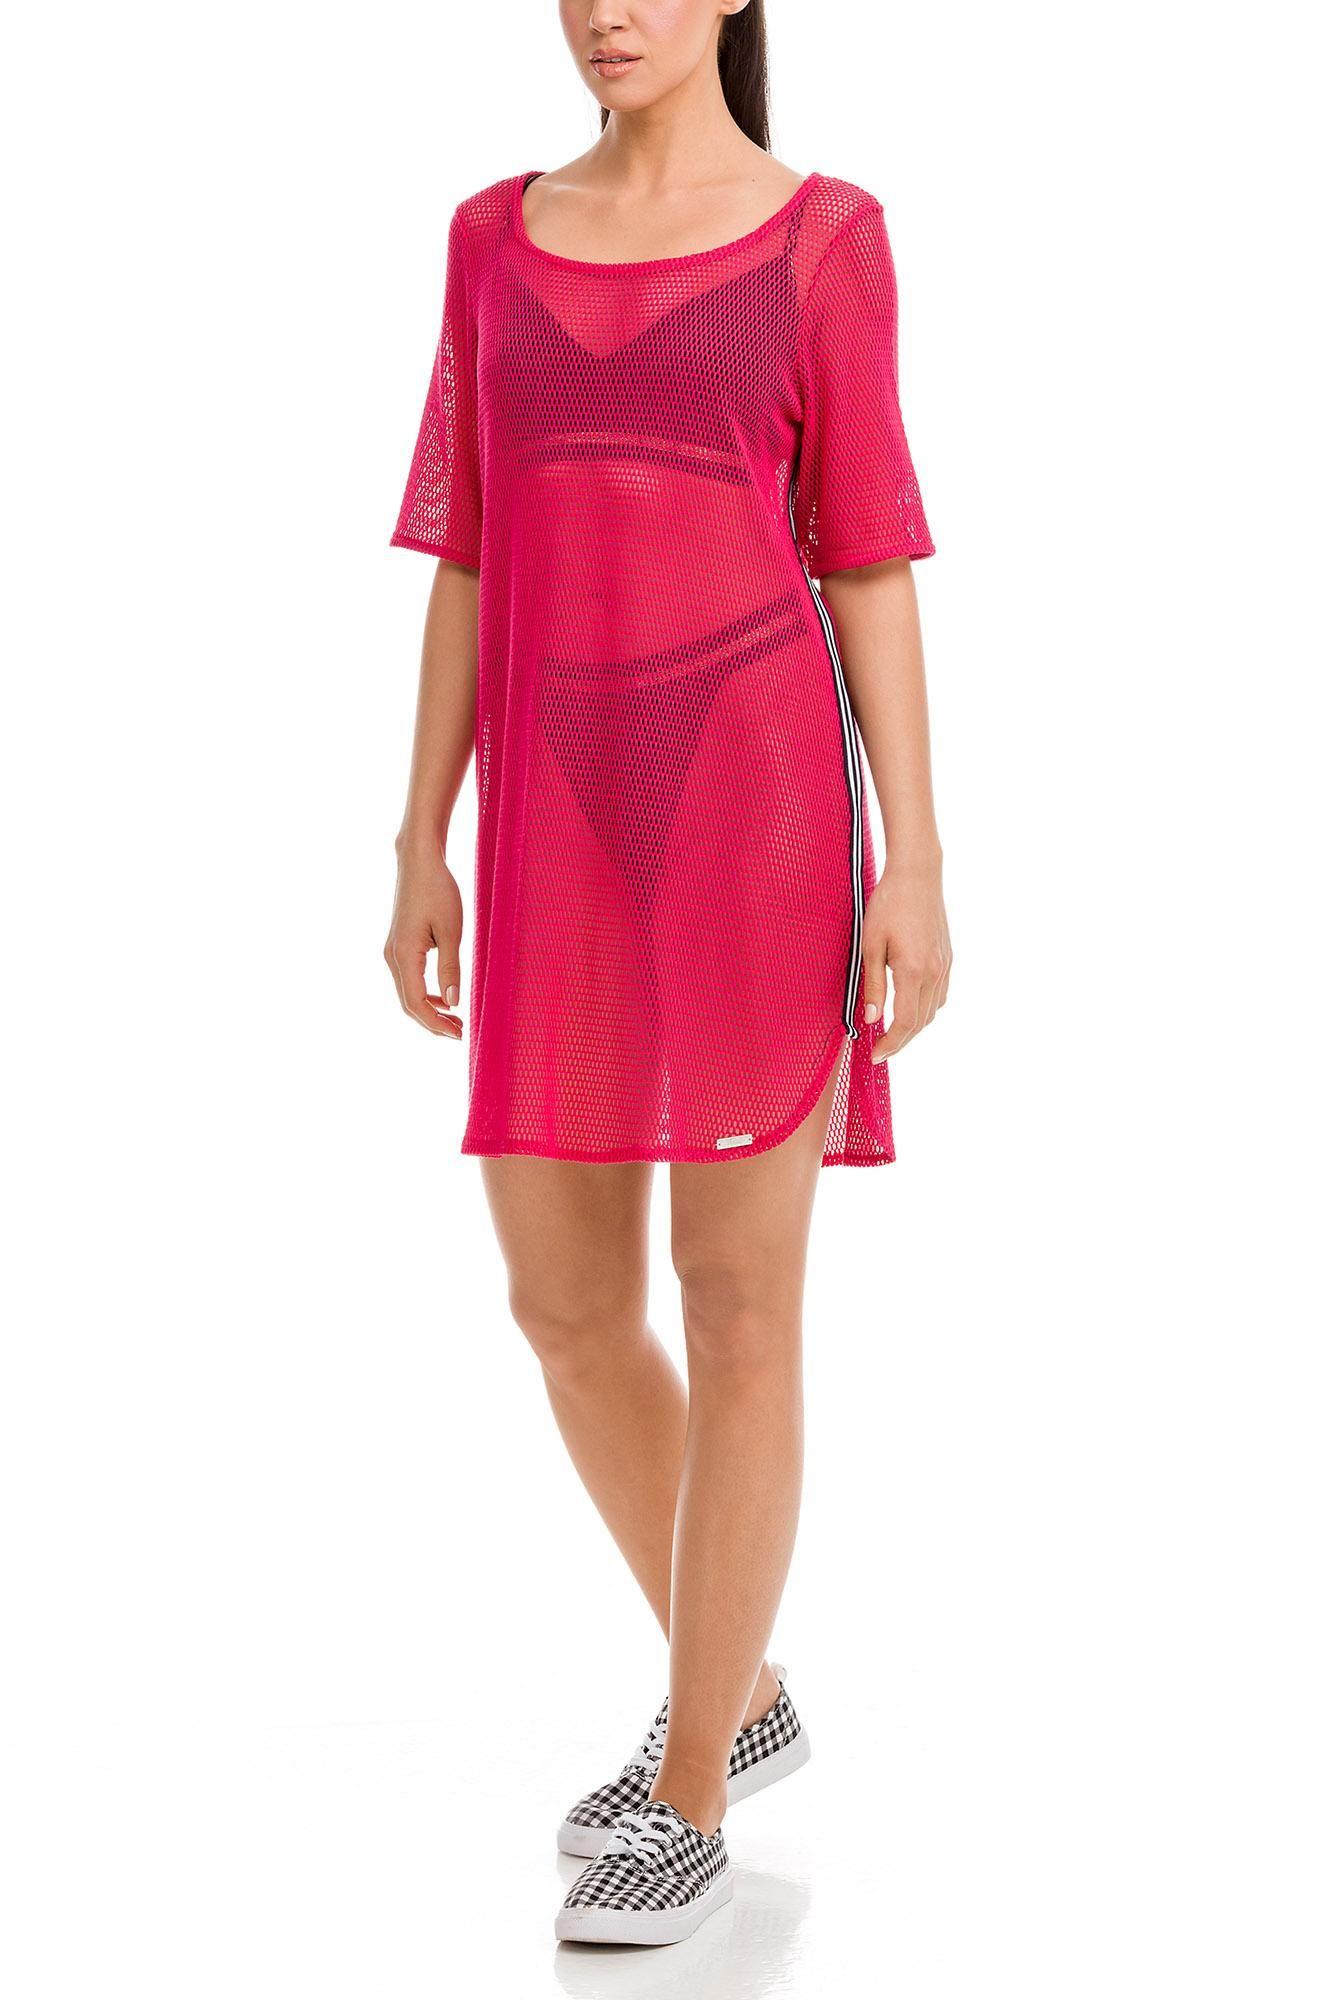 Κοντομάνικο Φόρεμα Παραλίας Ζακάρ